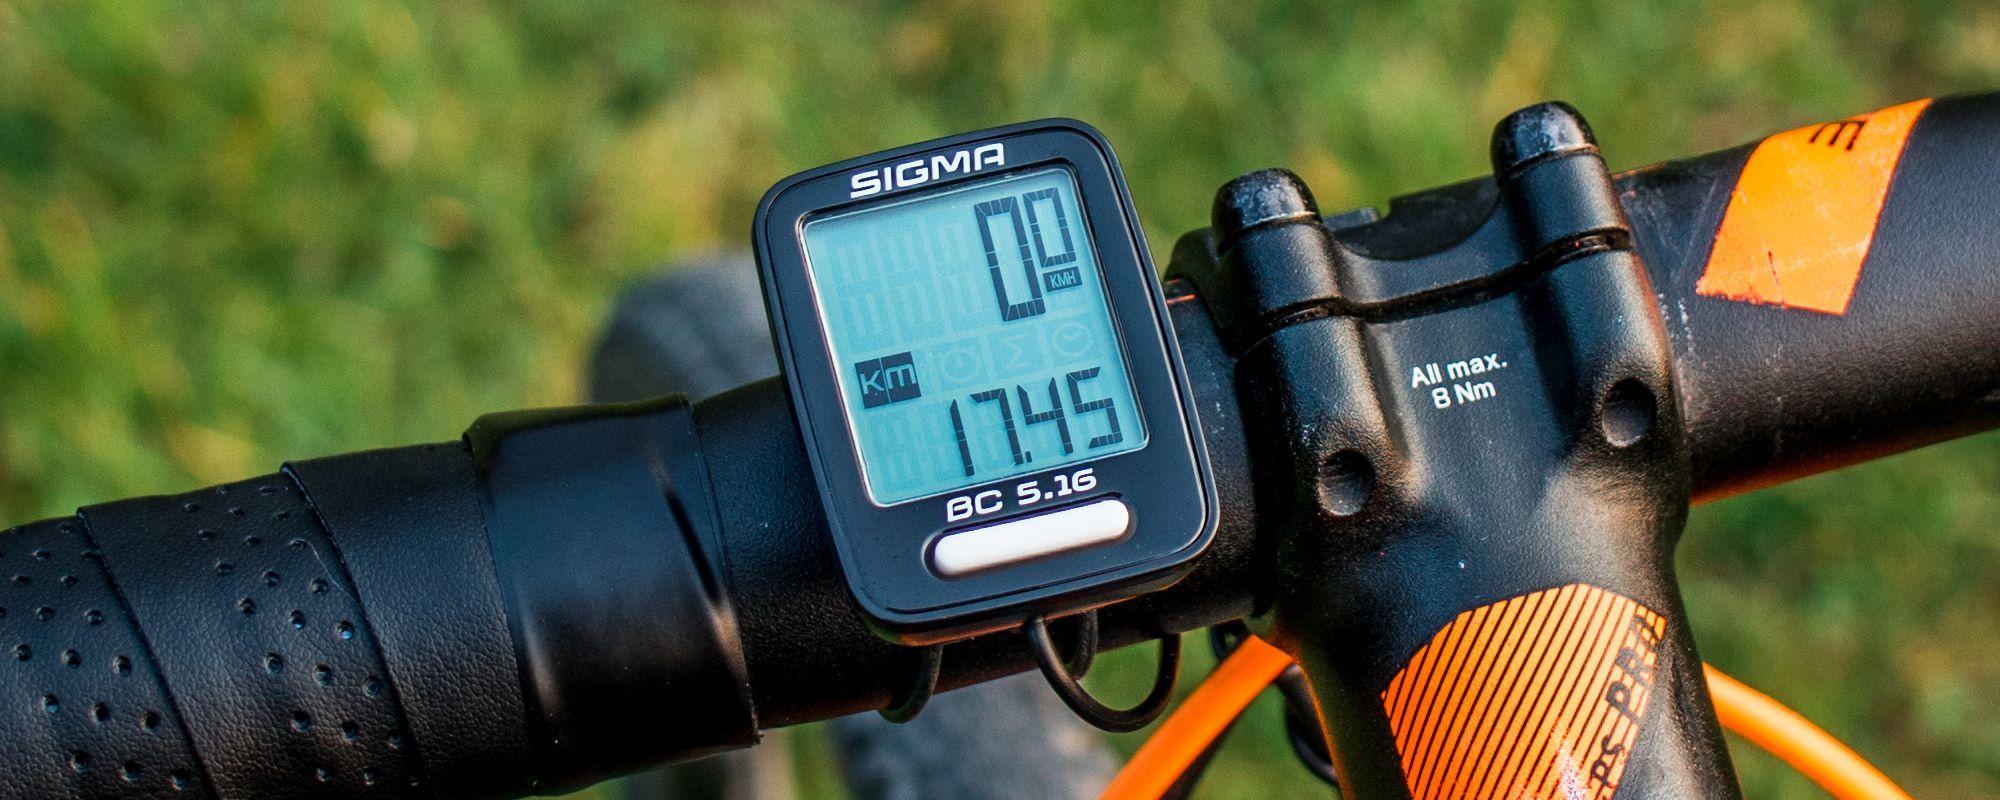 Sigma BC 5.16 Fahrradcomputer Test & Erfahrungen